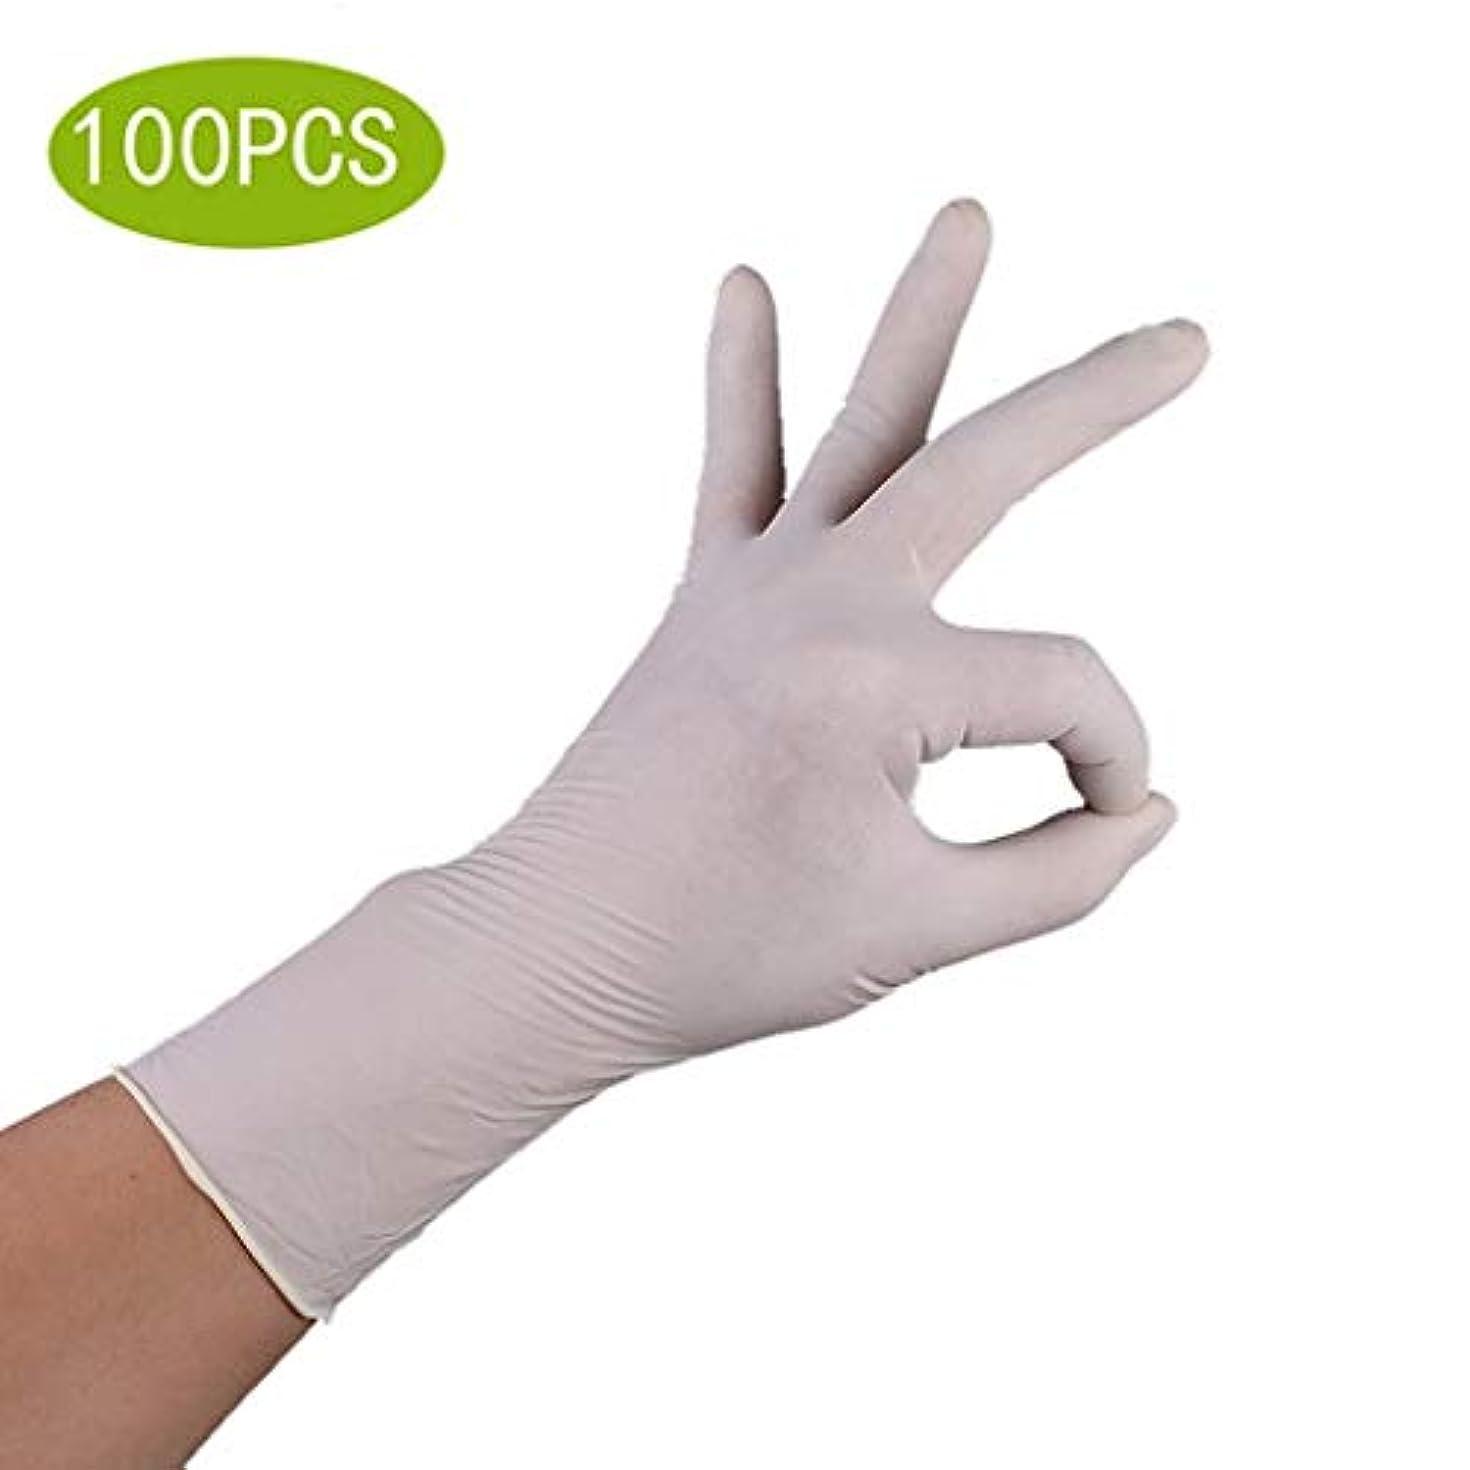 バッグ組み立てる昇進使い捨て手袋食品ケータリング手術丁清ゴムラテックススキンキッチン厚い試験/食品グレード安全用品、使い捨て手袋ディスペンサー[100個] (Size : L)